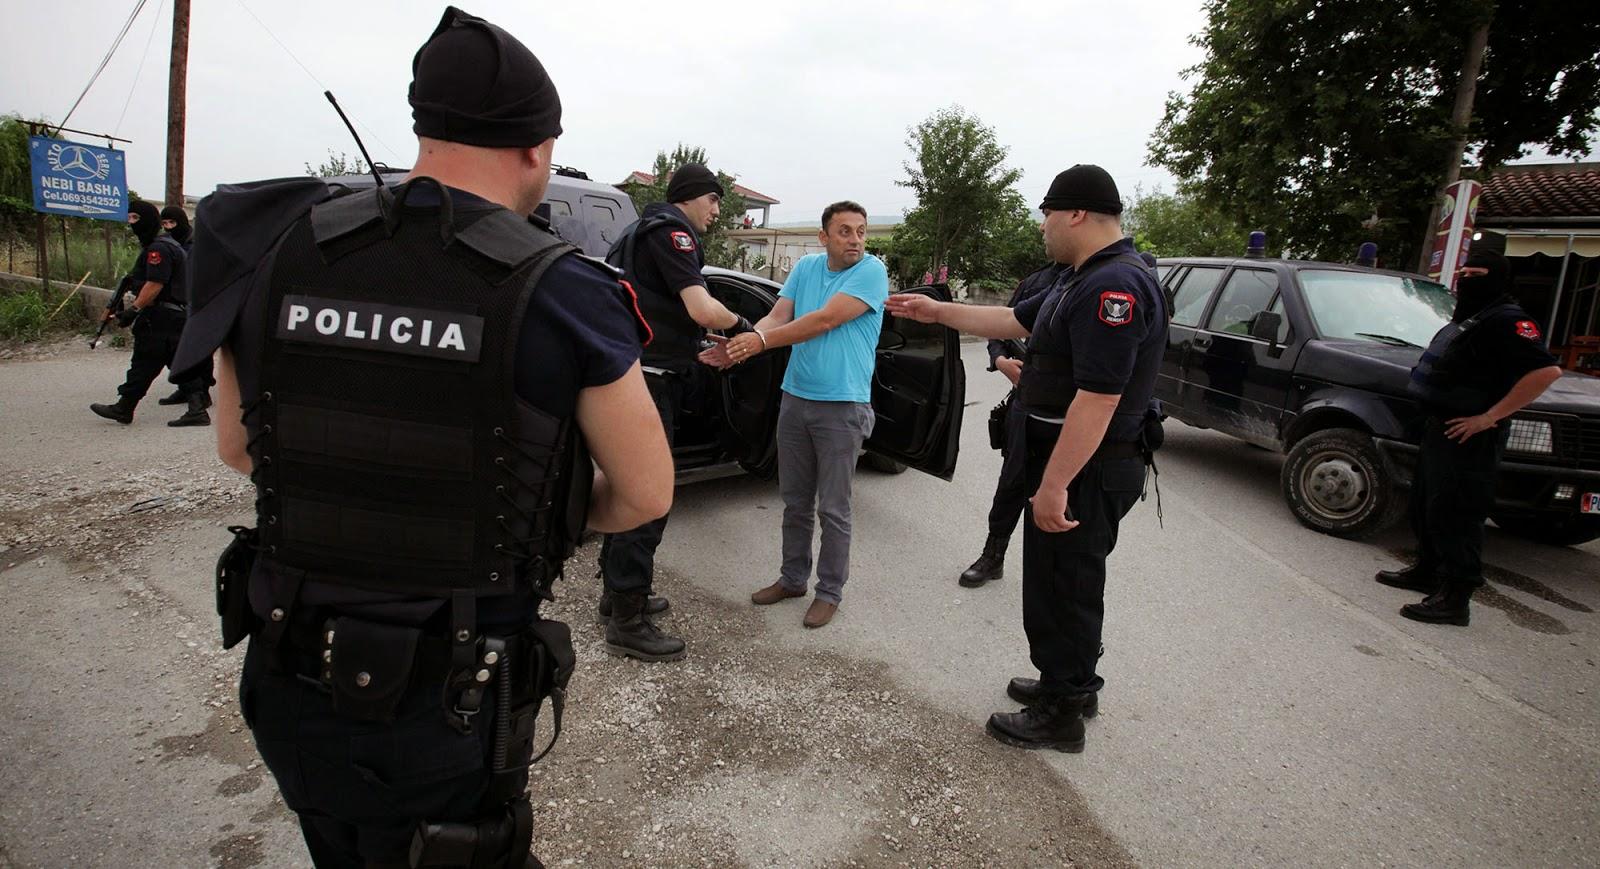 Το Λαζαράτι πέντε μήνες μετά την αστυνομική επέμβαση